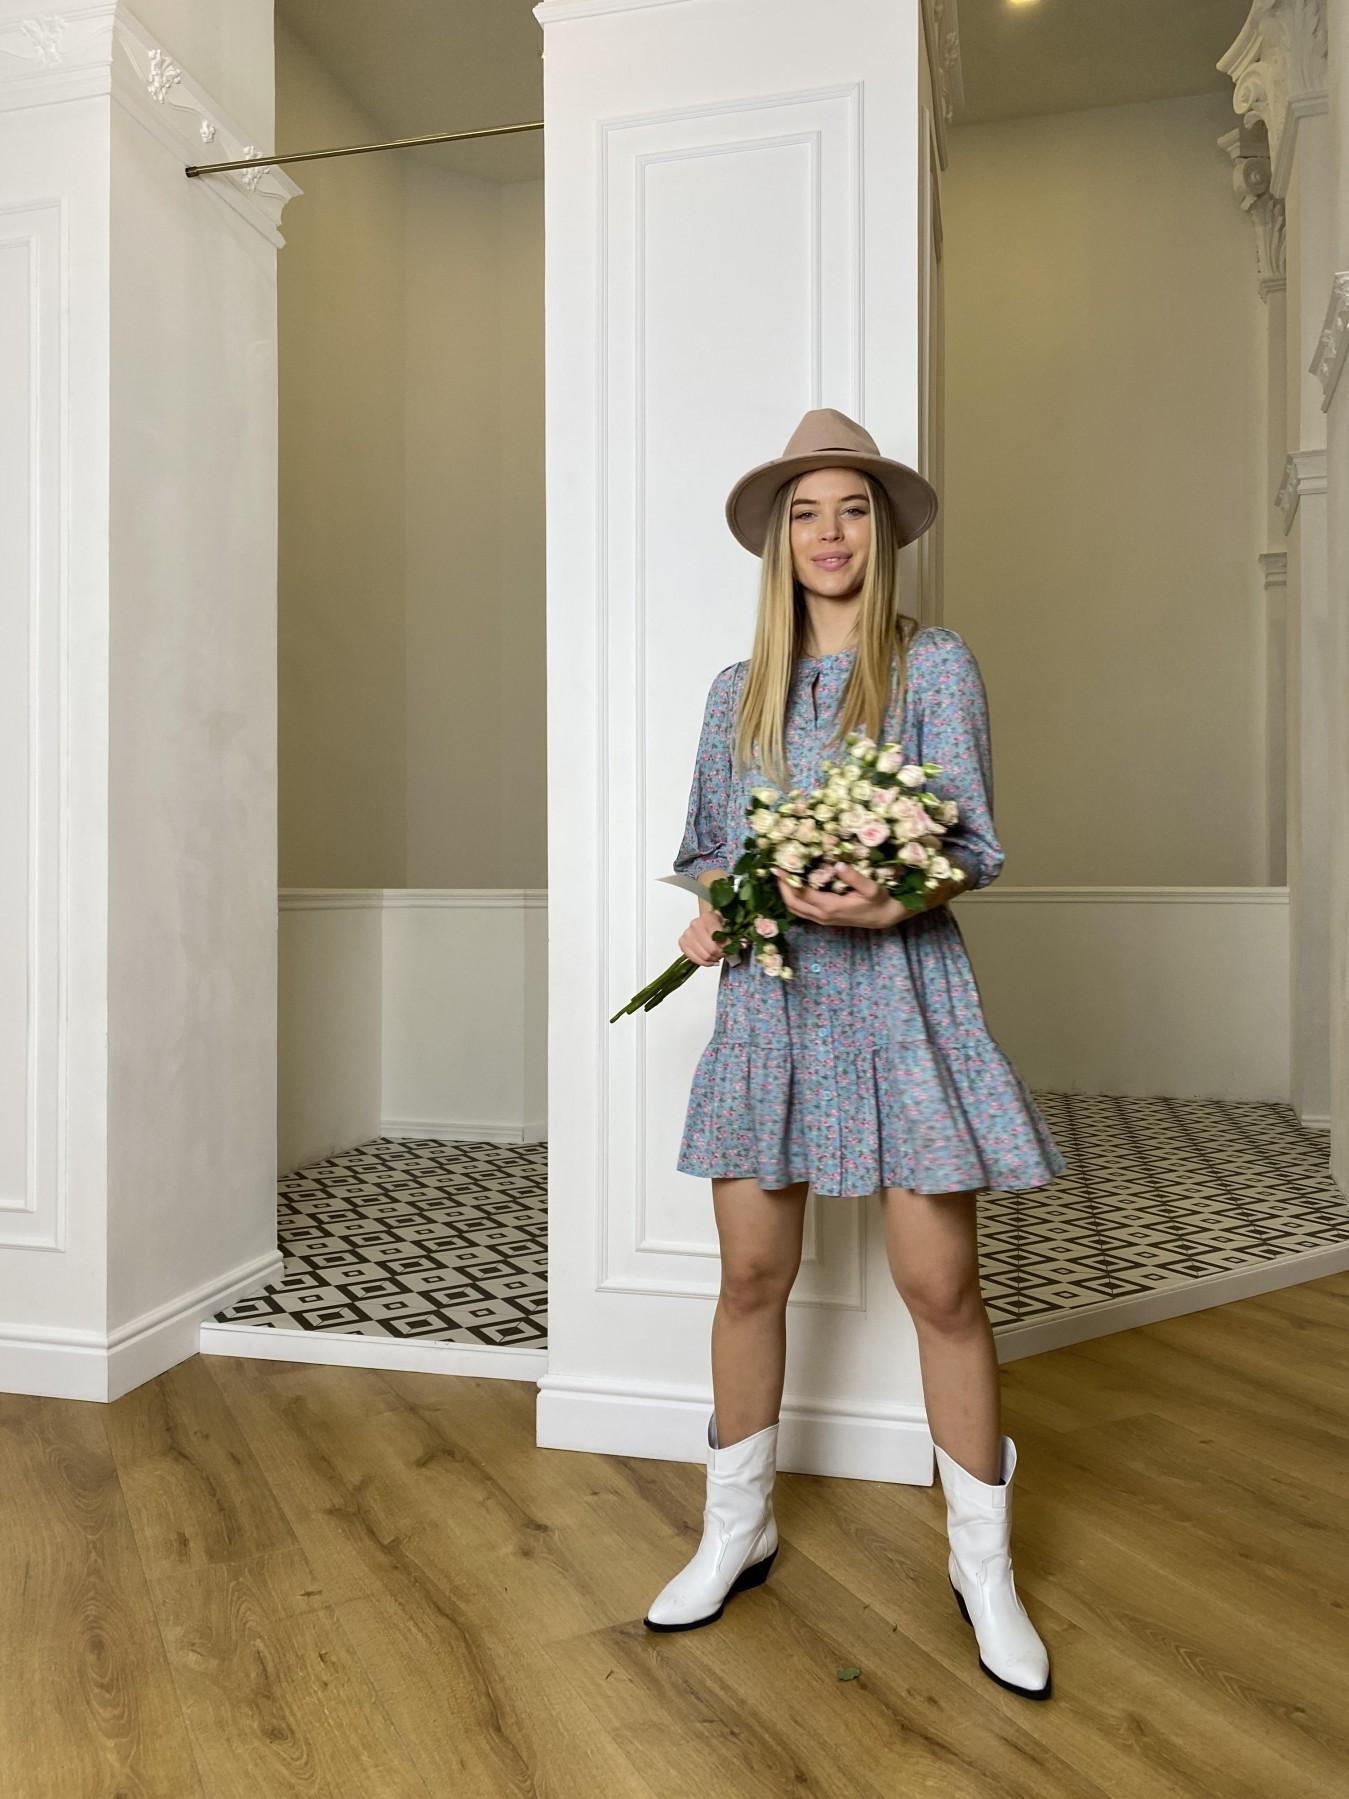 Берри штапель принт платье 10872 АРТ. 47327 Цвет: Цветы мел олива/роз/гол - фото 1, интернет магазин tm-modus.ru